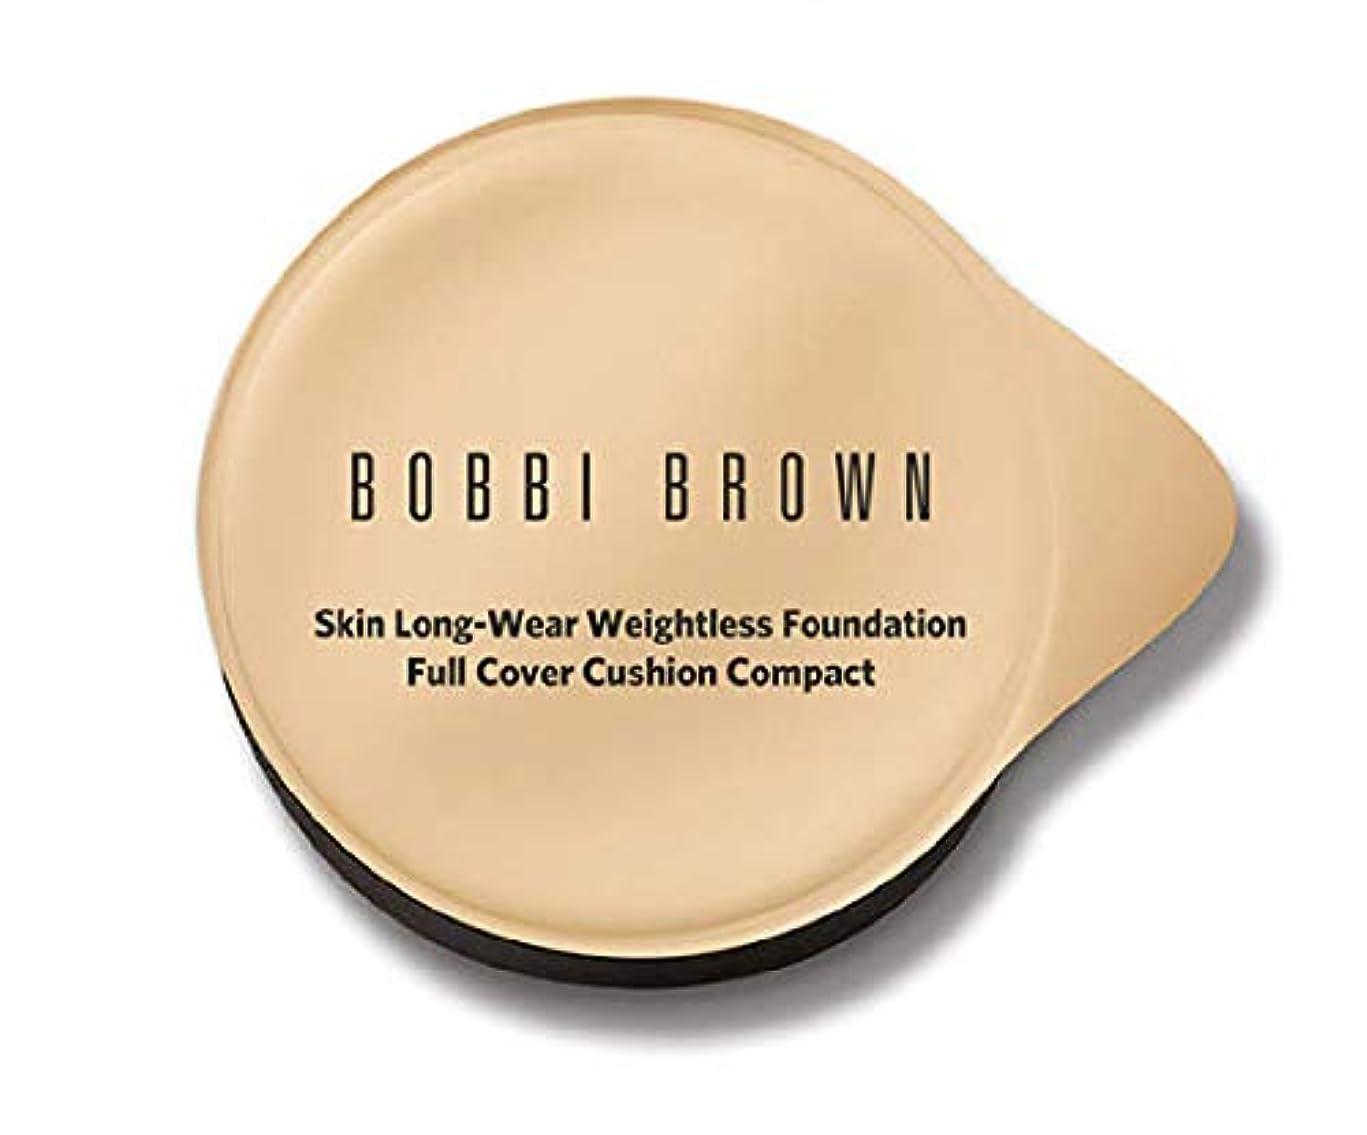 申し立て不注意受賞ボビーブラウンスキンロングウェアウエストレスファンデーションフルカバークッションコンパクトレフィル(スポンジ付)5色展開 (ミディアム)